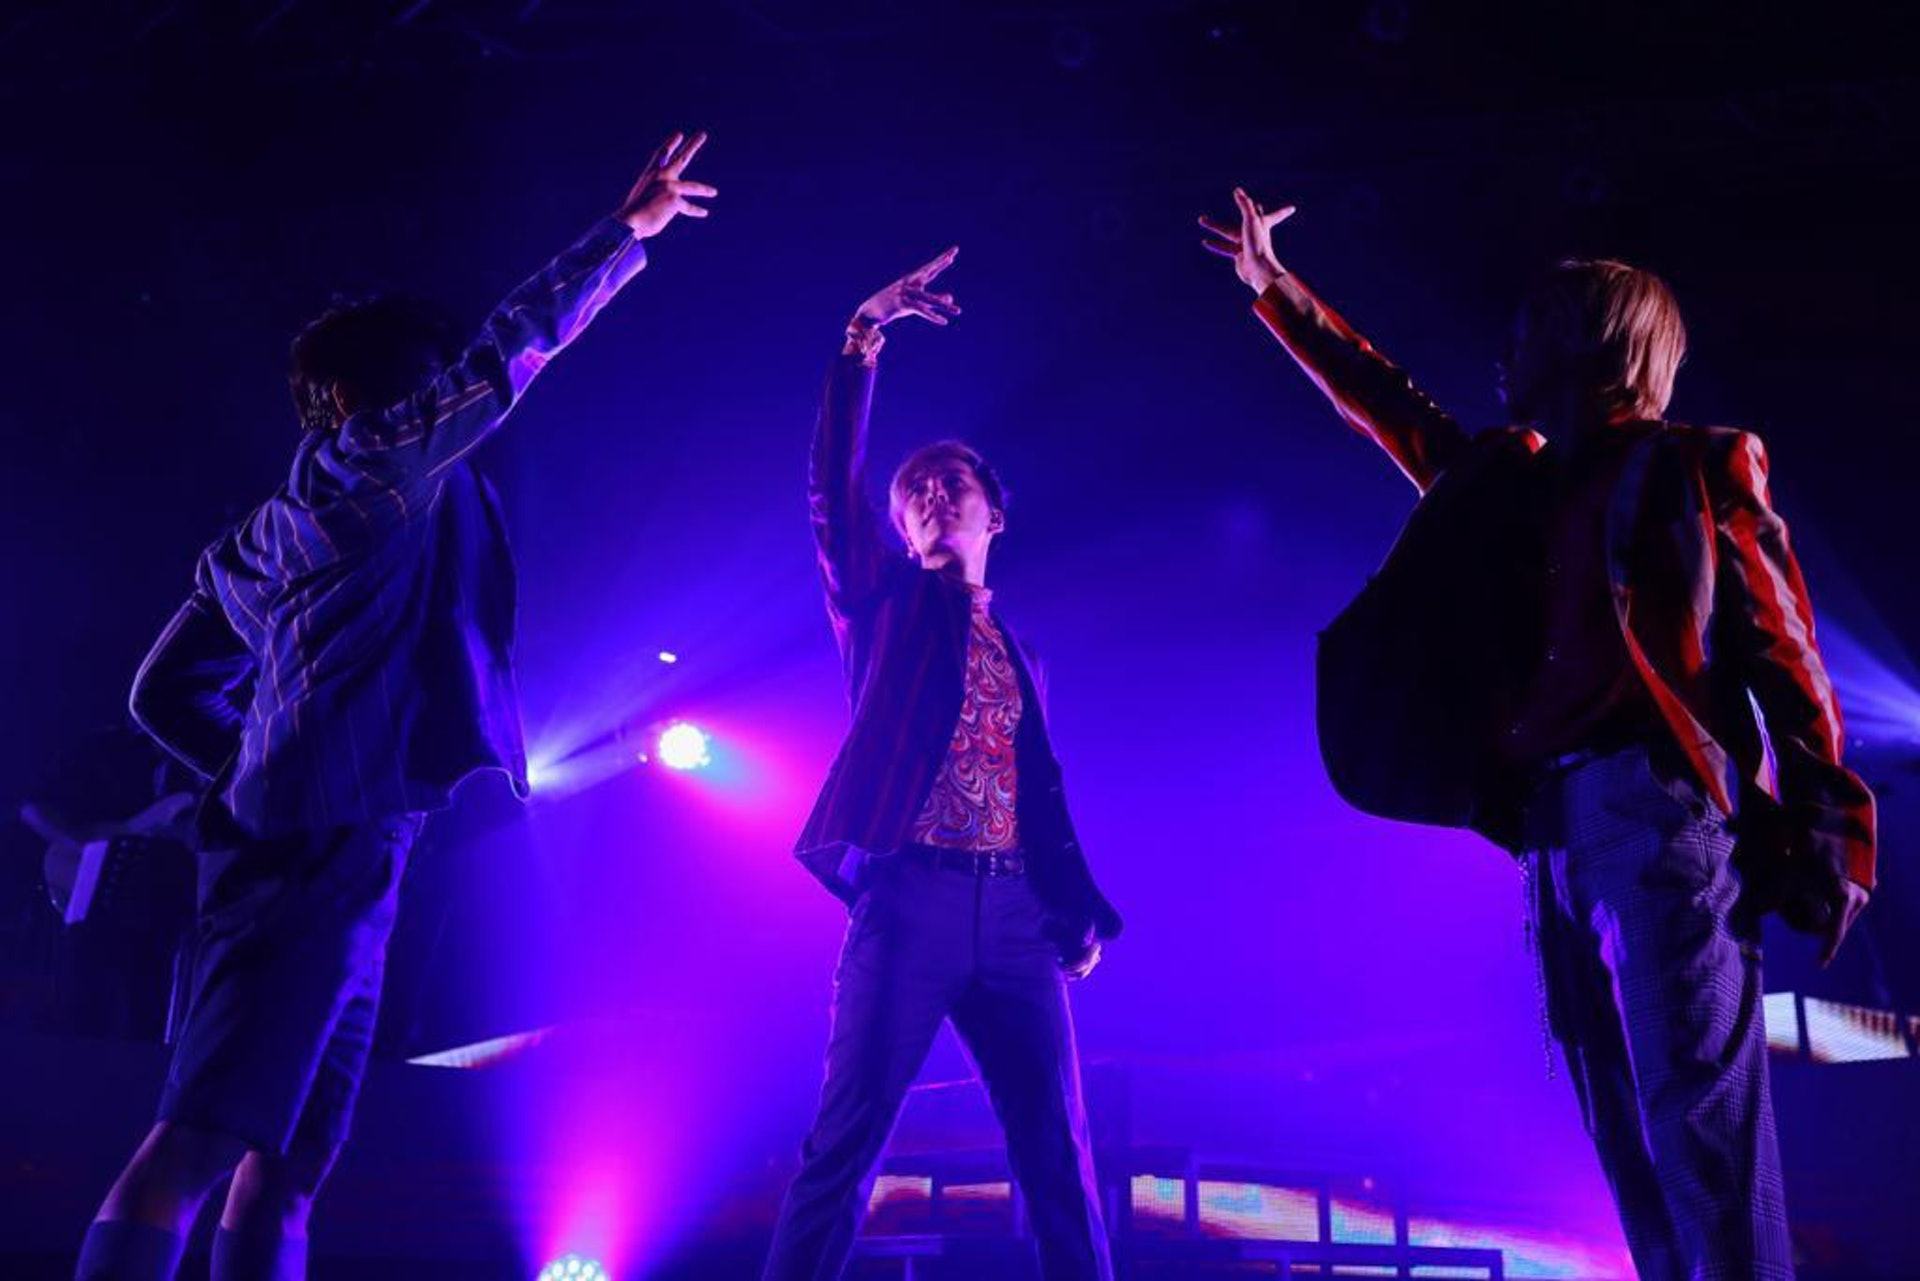 三子在演唱會期間大講廣東話,冧得在場歌迷瘋狂尖叫。